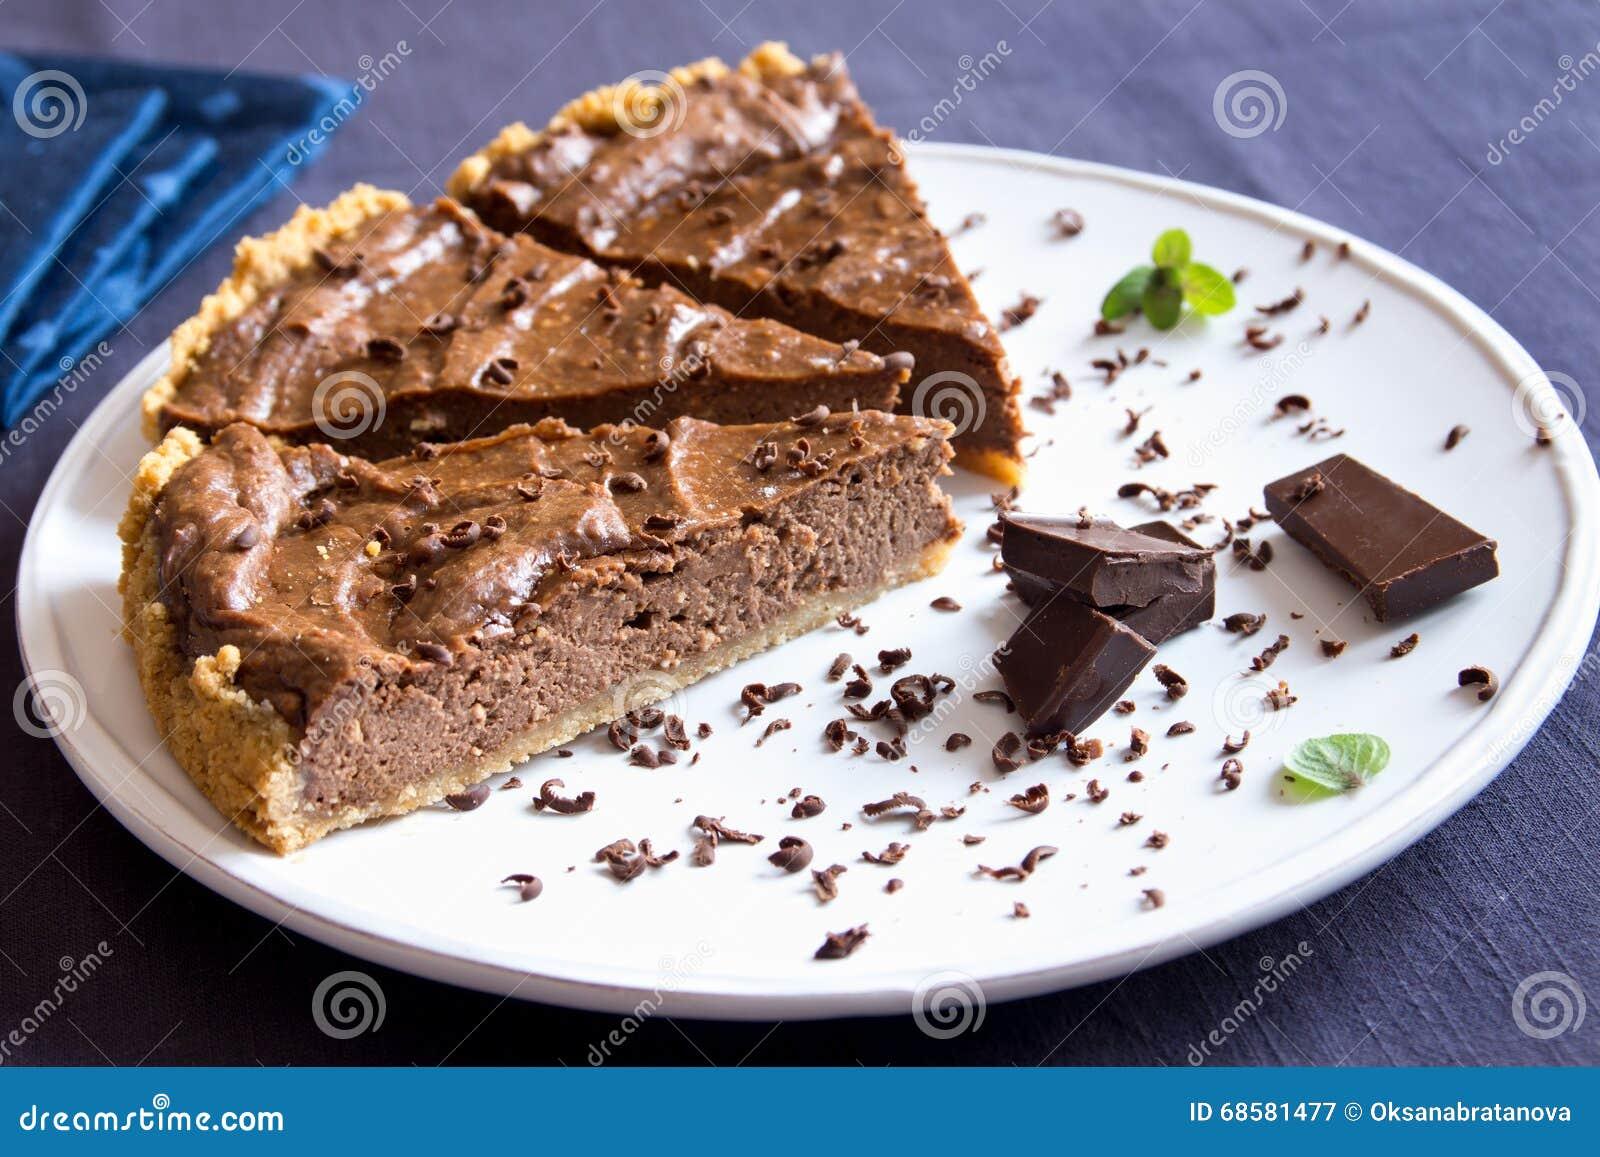 Homemade Chocolate Pie Stock Photo - Image: 68581477